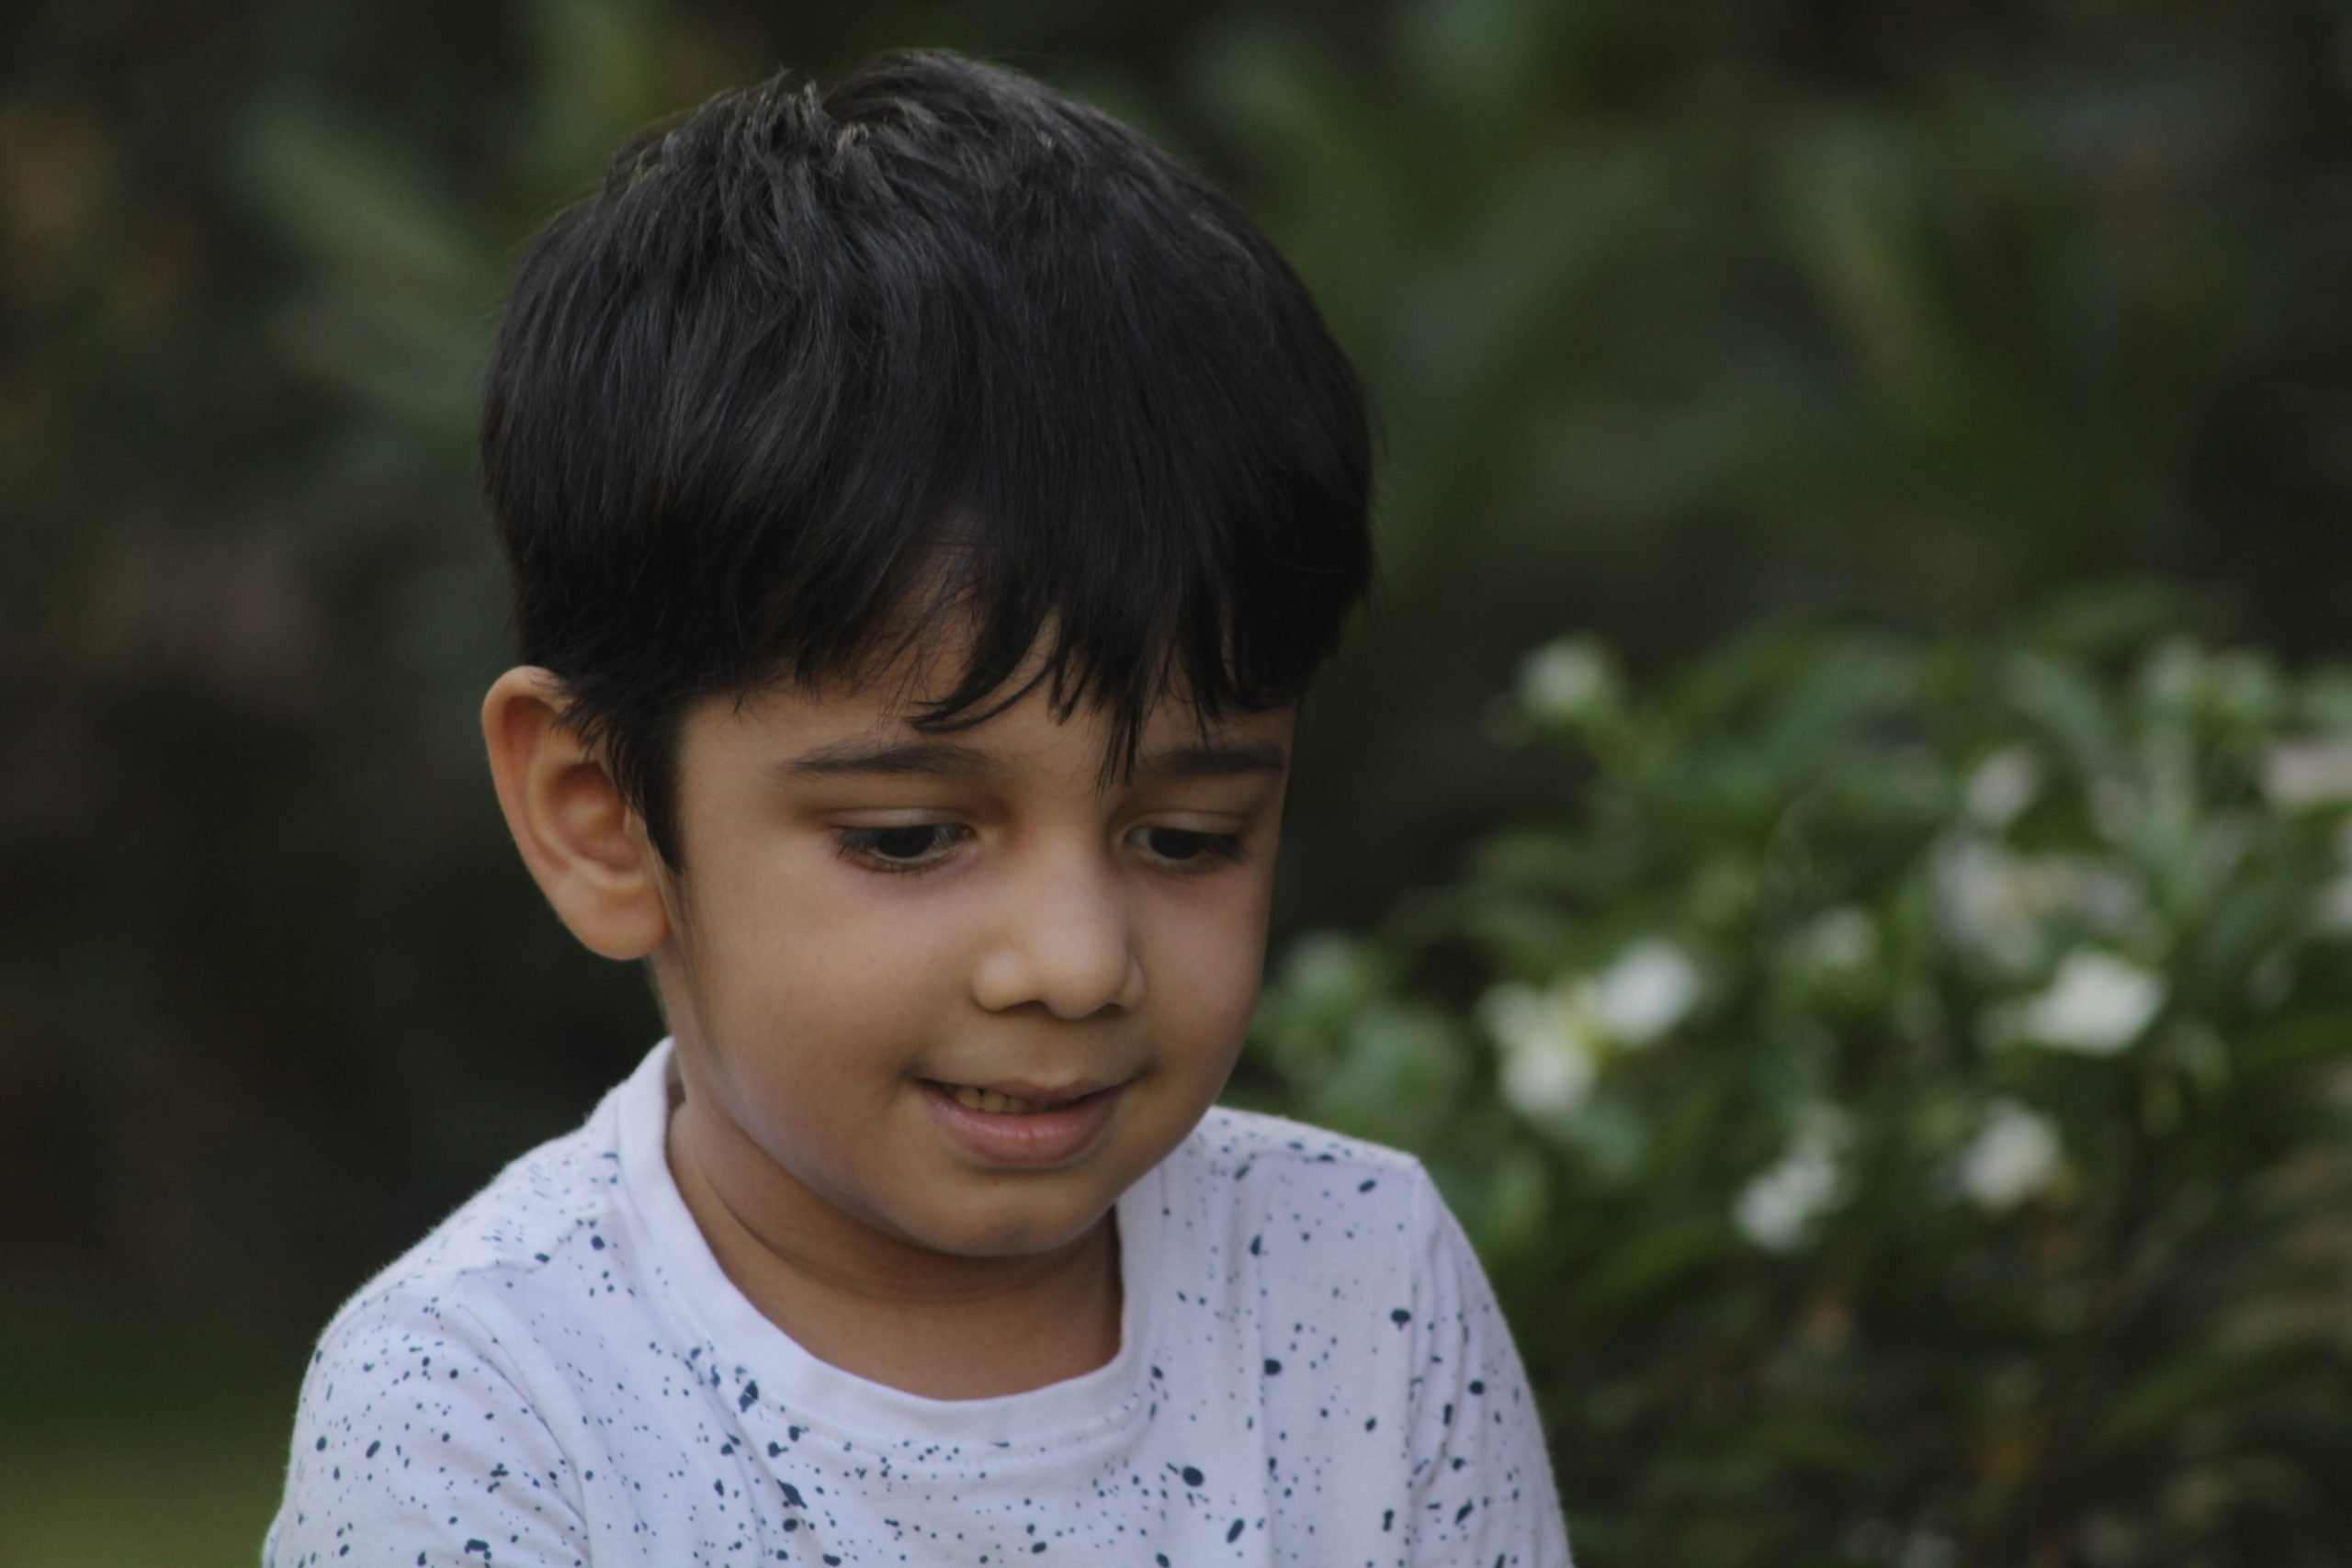 A cute kid